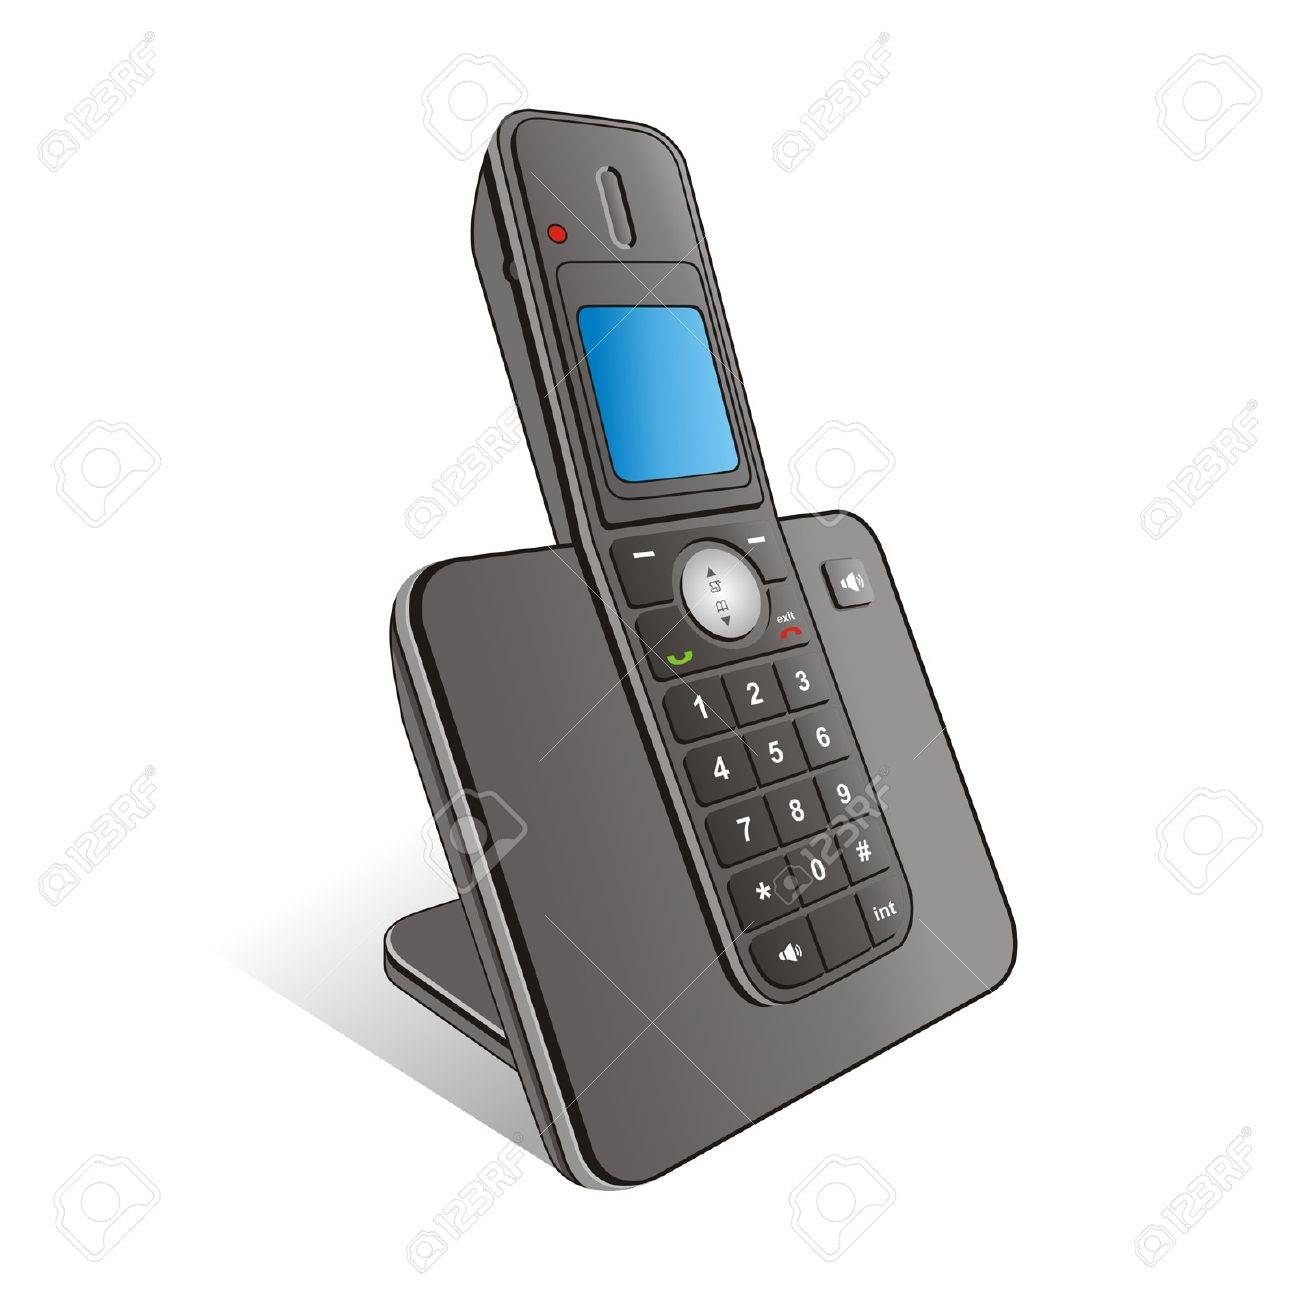 telephone Stock Vector - 11945046